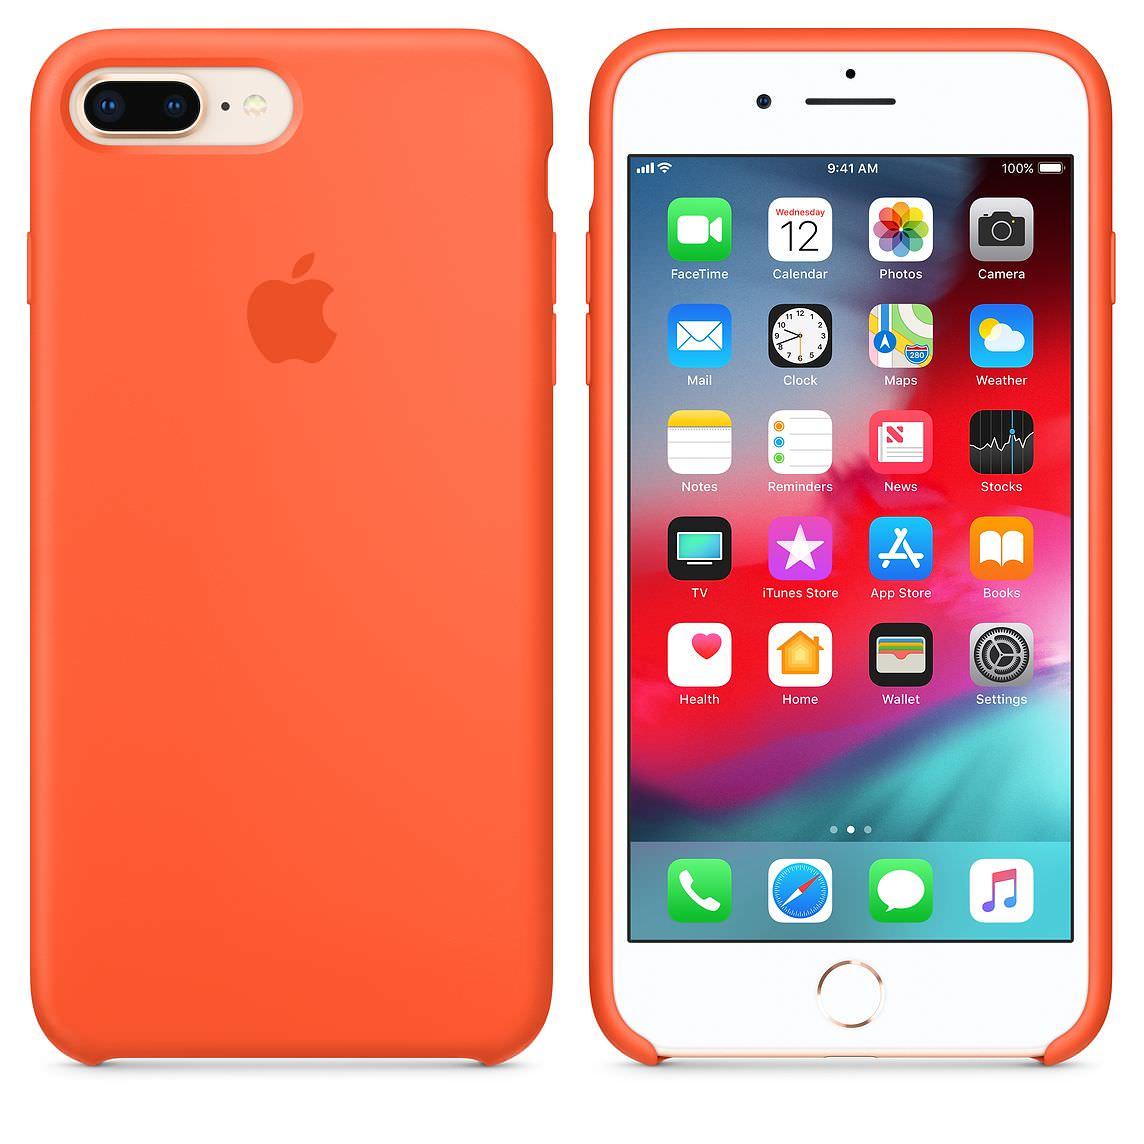 Apple silikónový obal pre iPhone 7 Plus / 8 Plus – oranžový 3